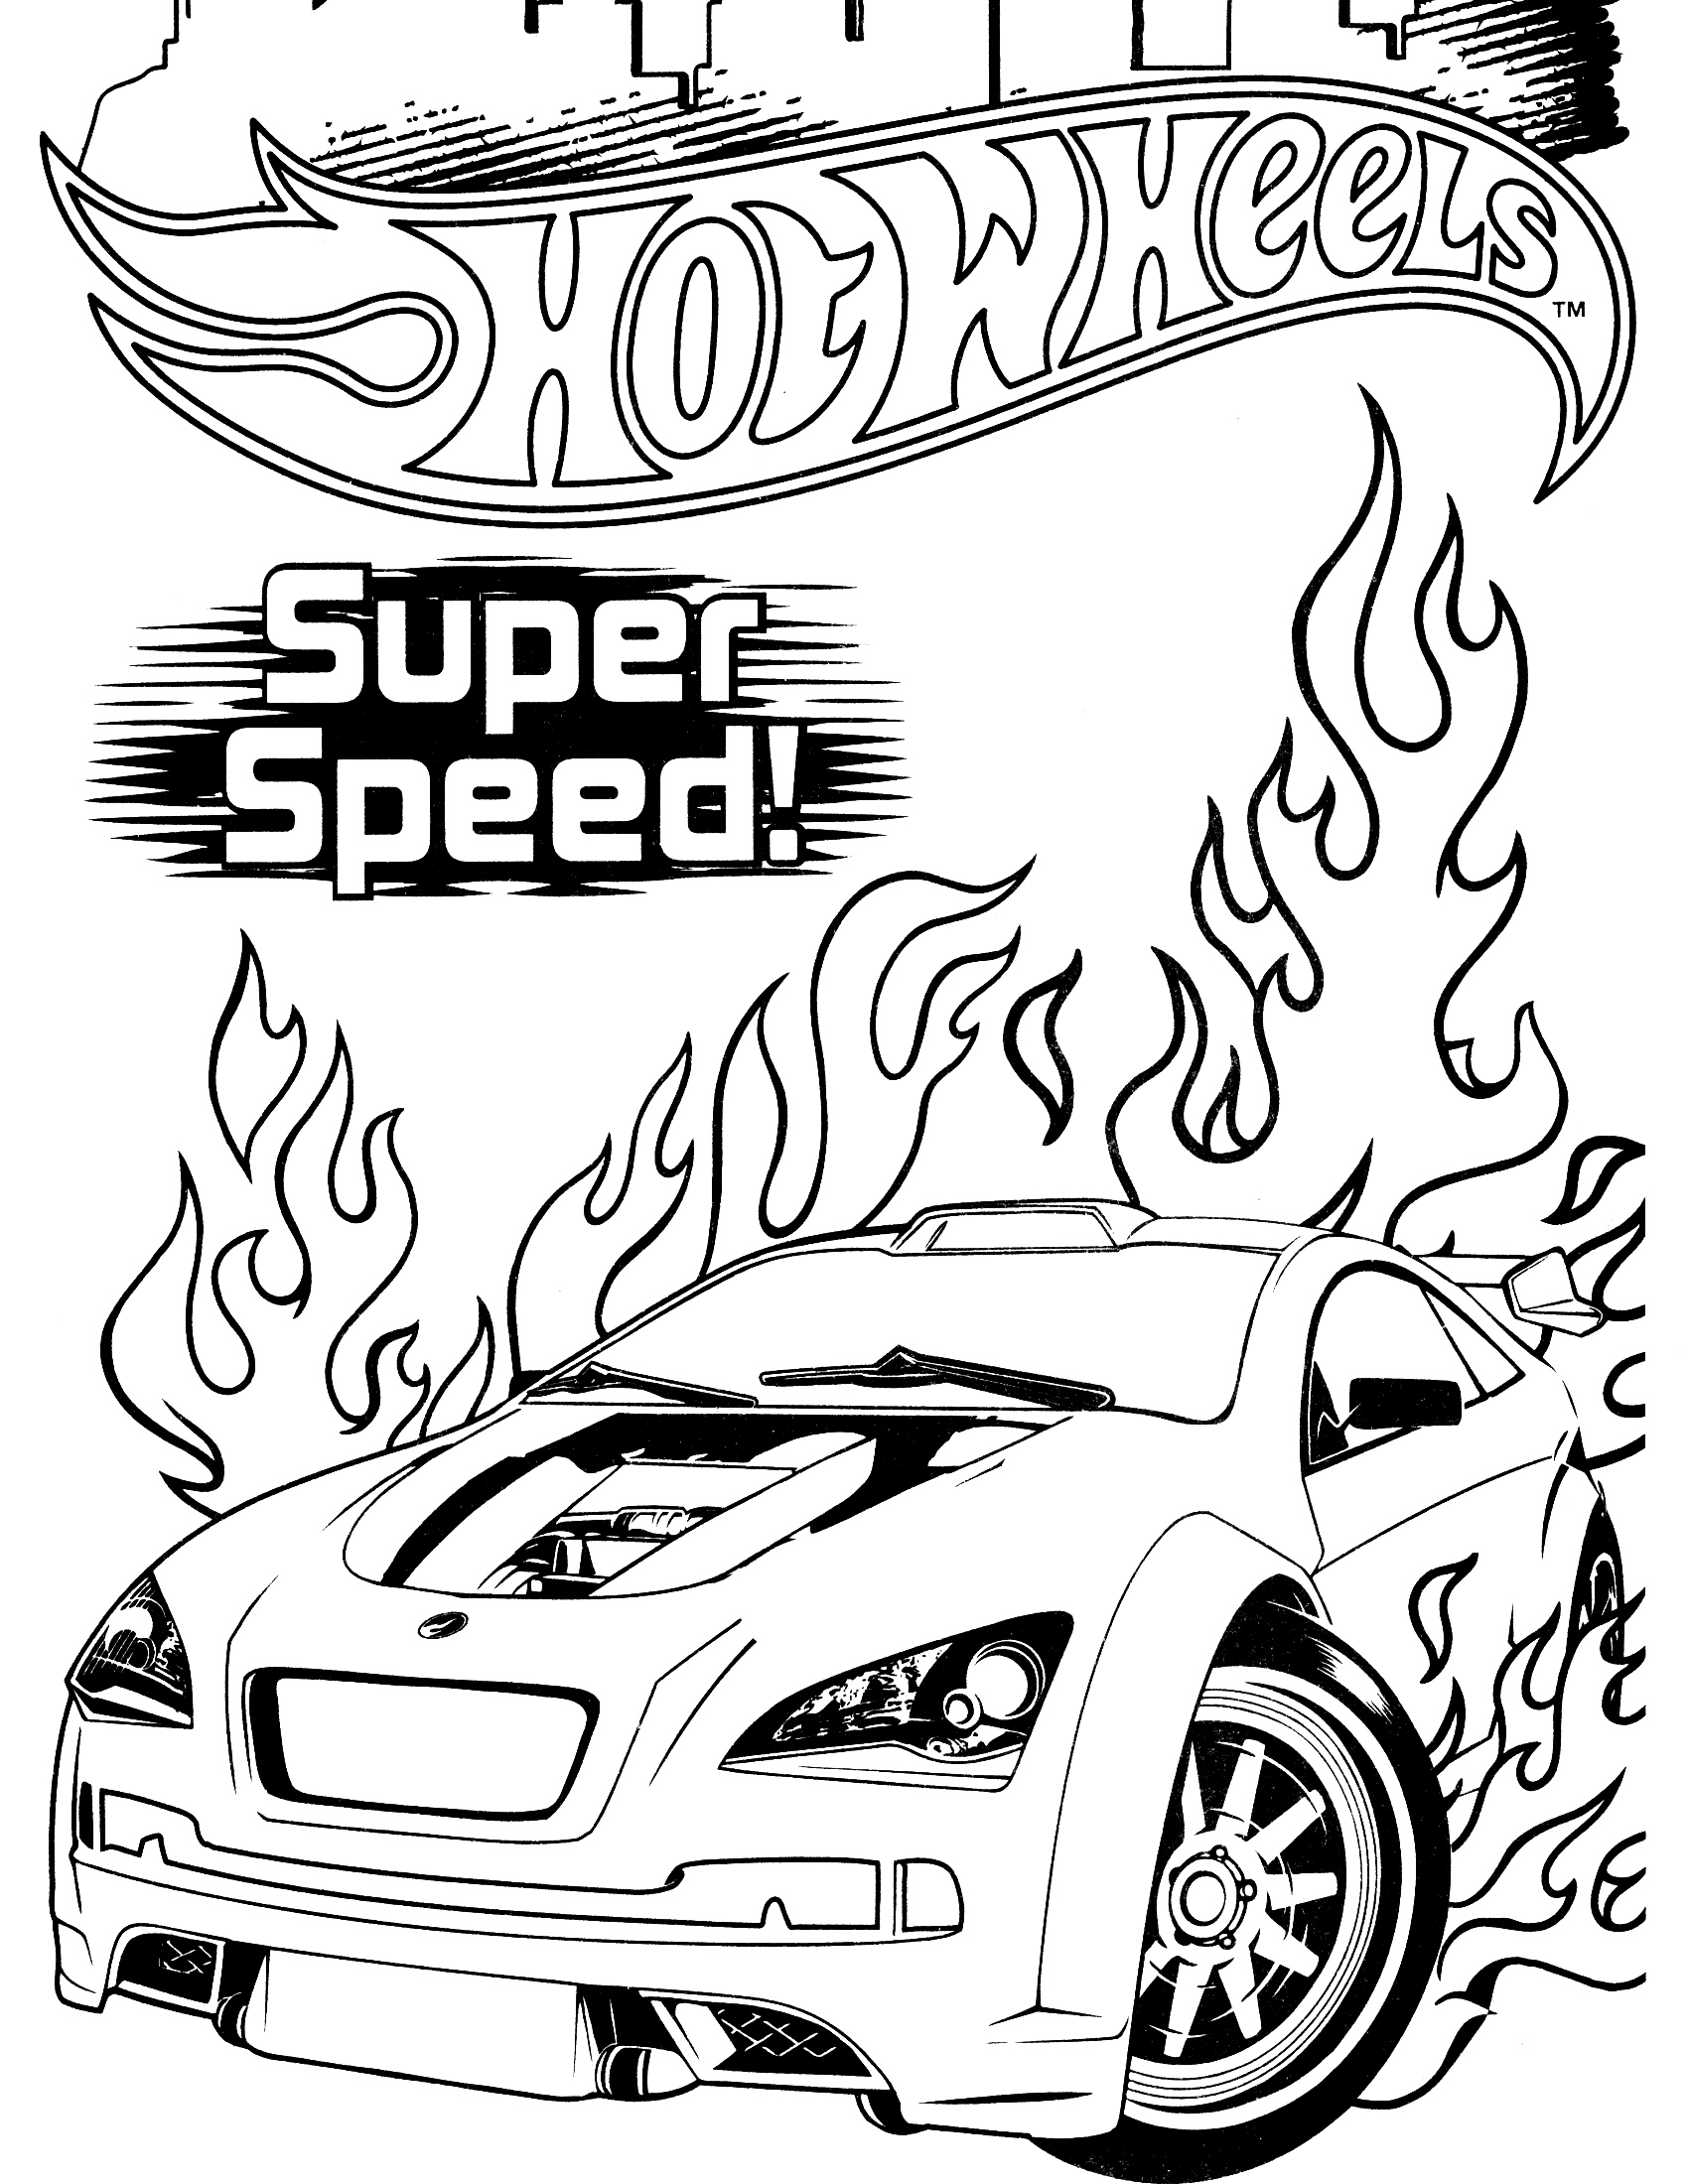 hot wheels coloring sheets hot wheels coloring pages getcoloringpagescom wheels coloring hot sheets